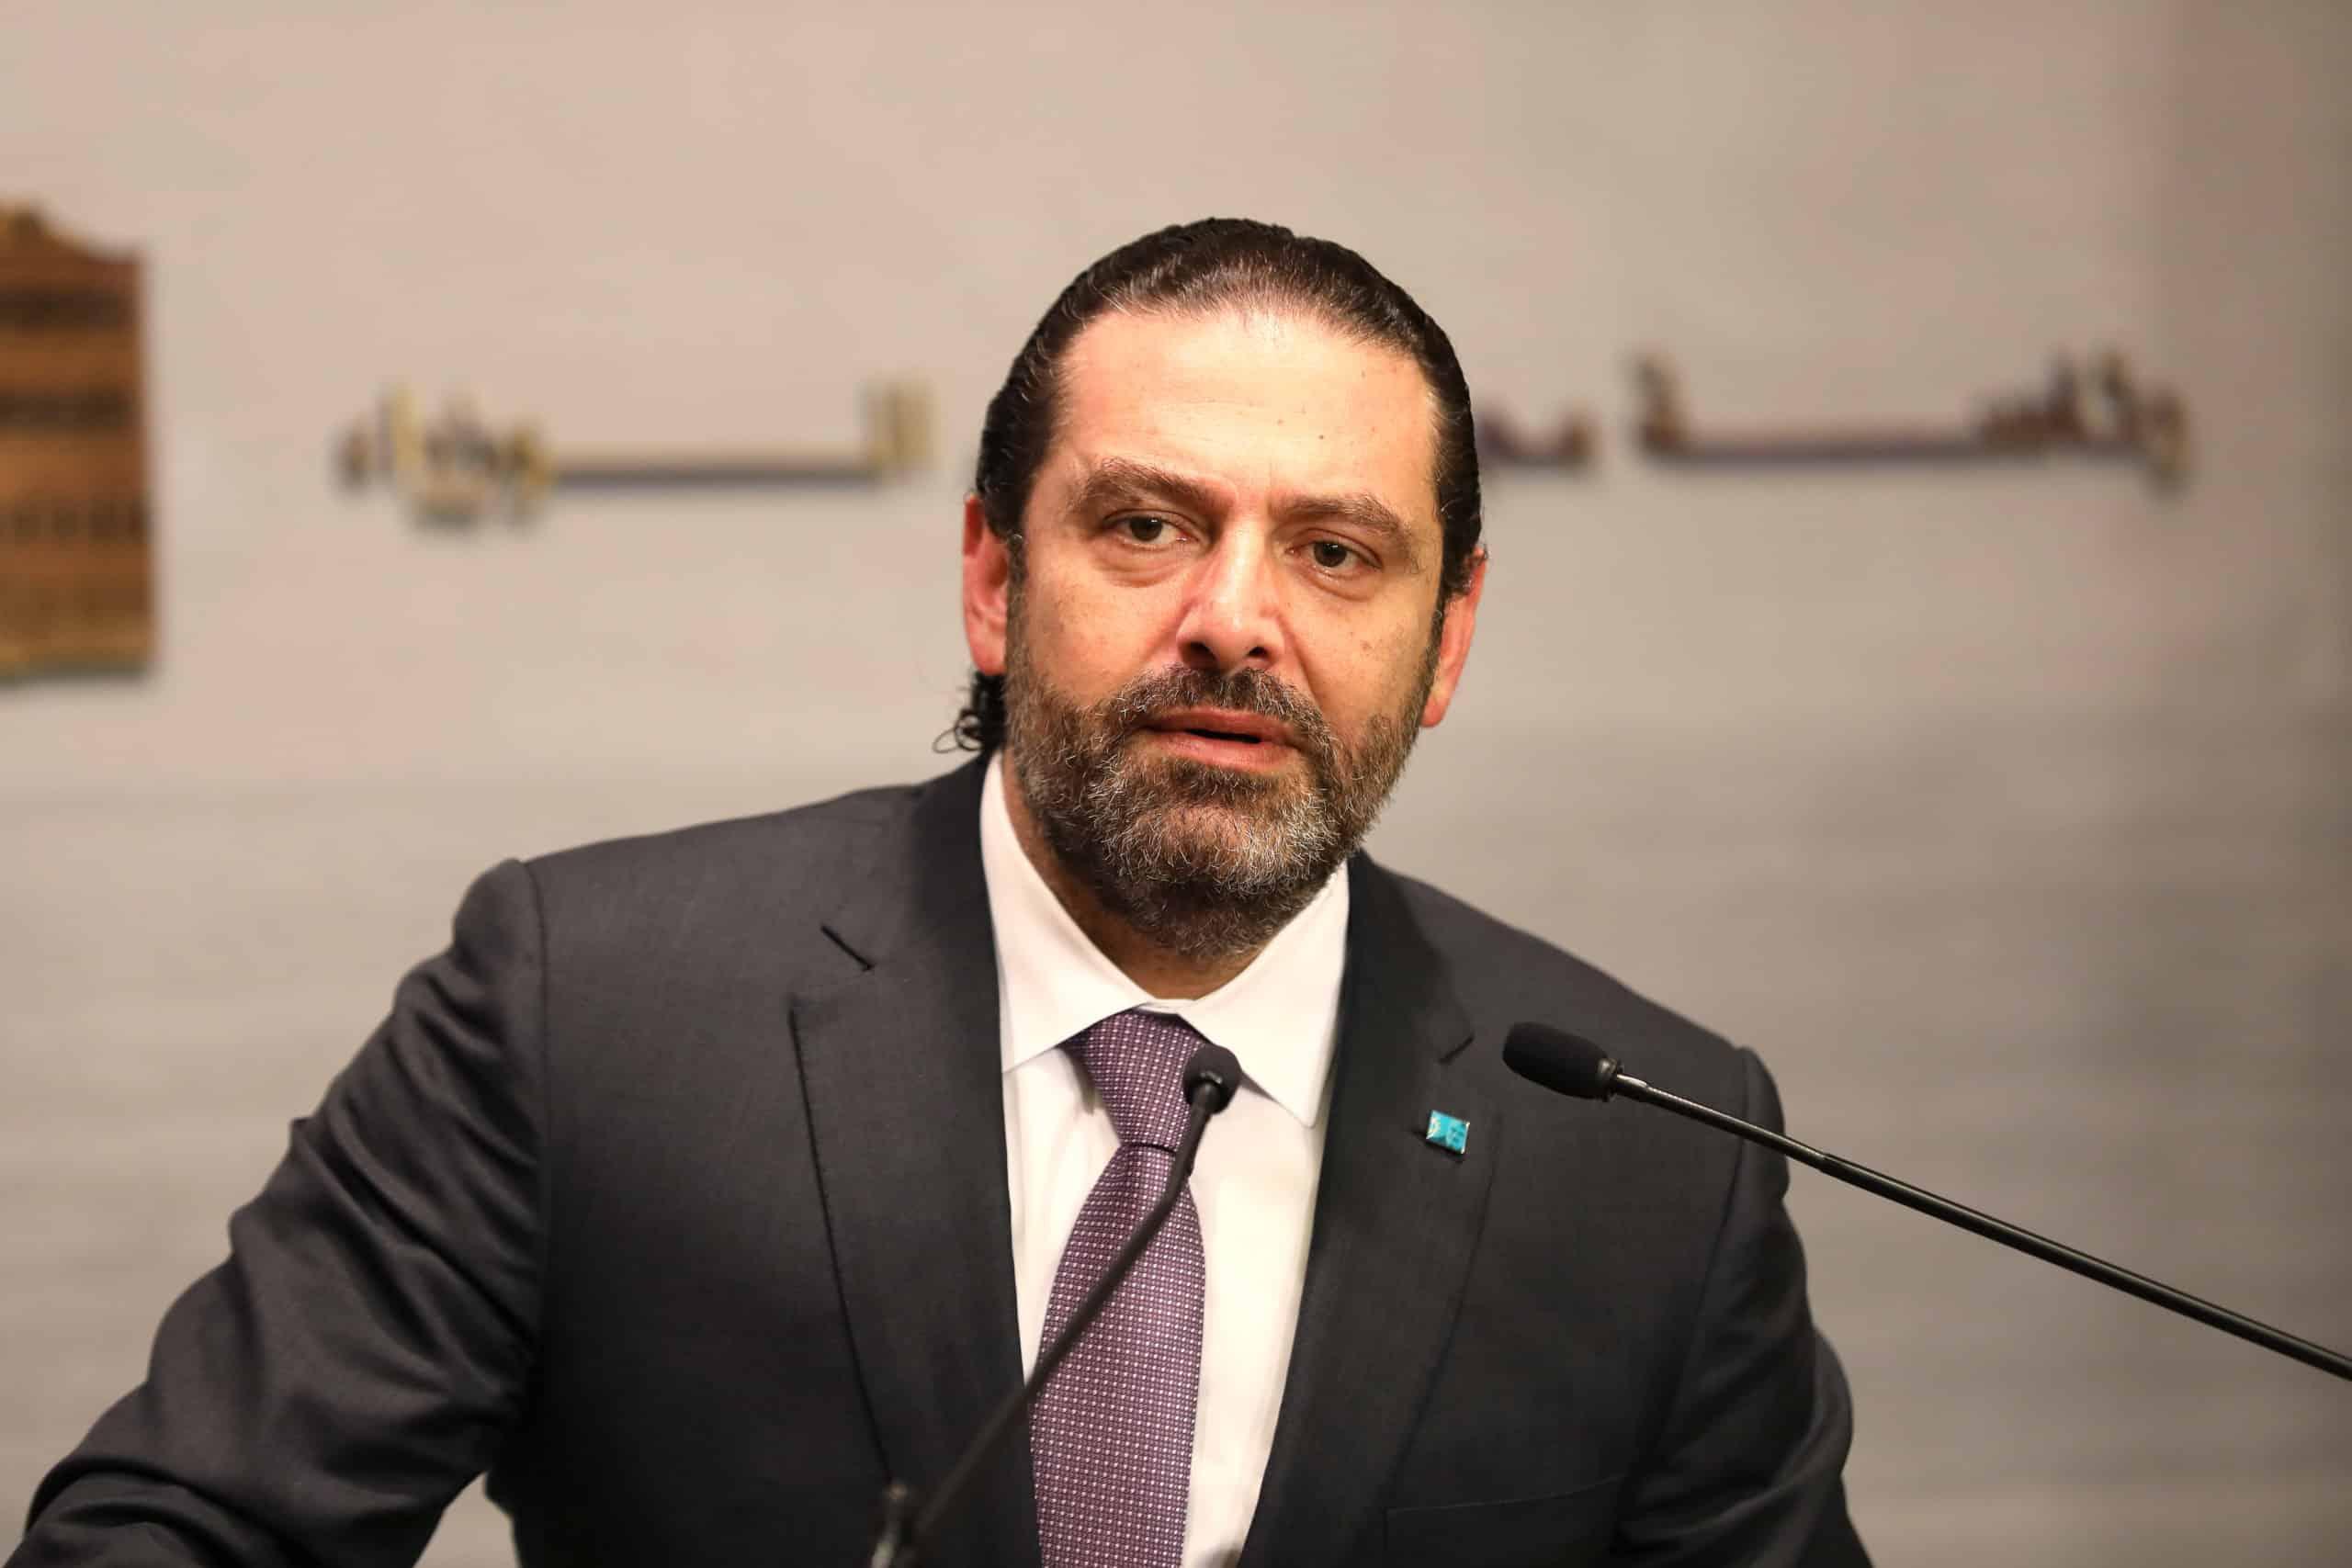 Le Premier Ministre Saad Hariri lors de la conférence de presse annonçant le report du conseil des ministres. Crédit Photo: Dalati & Nohra